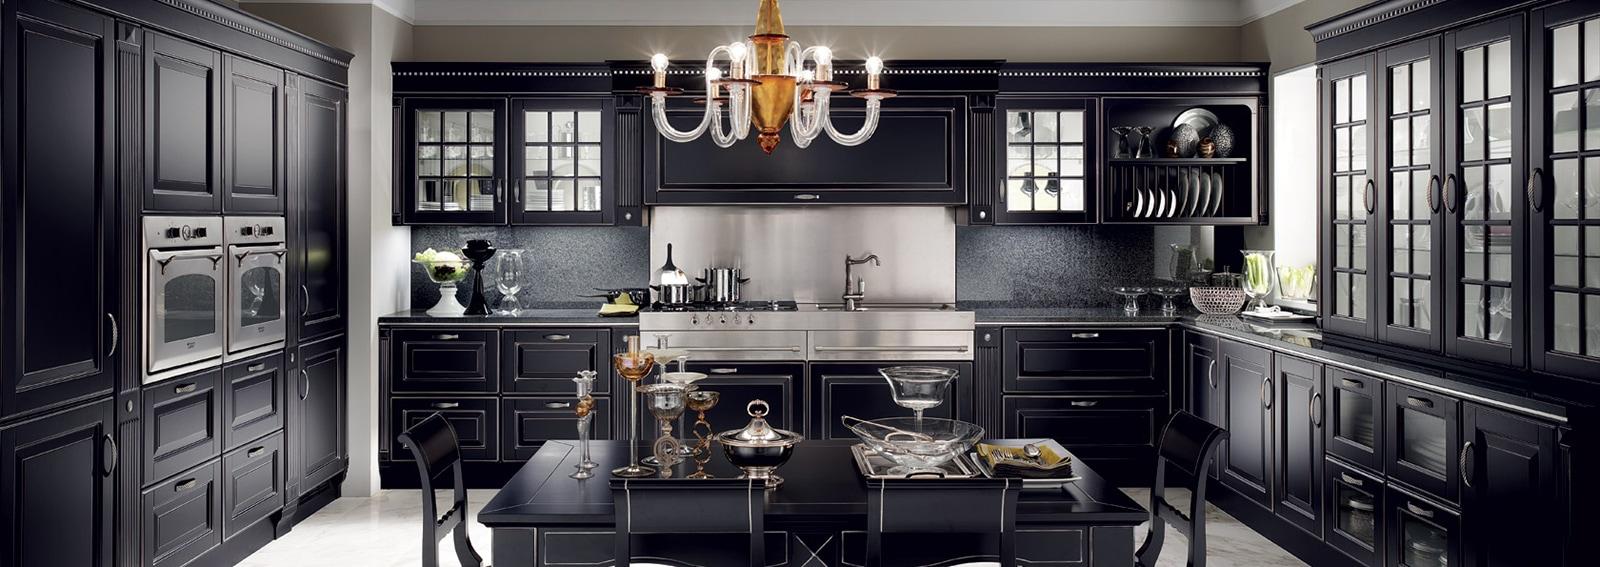 cover scavolini cucine classiche desktop